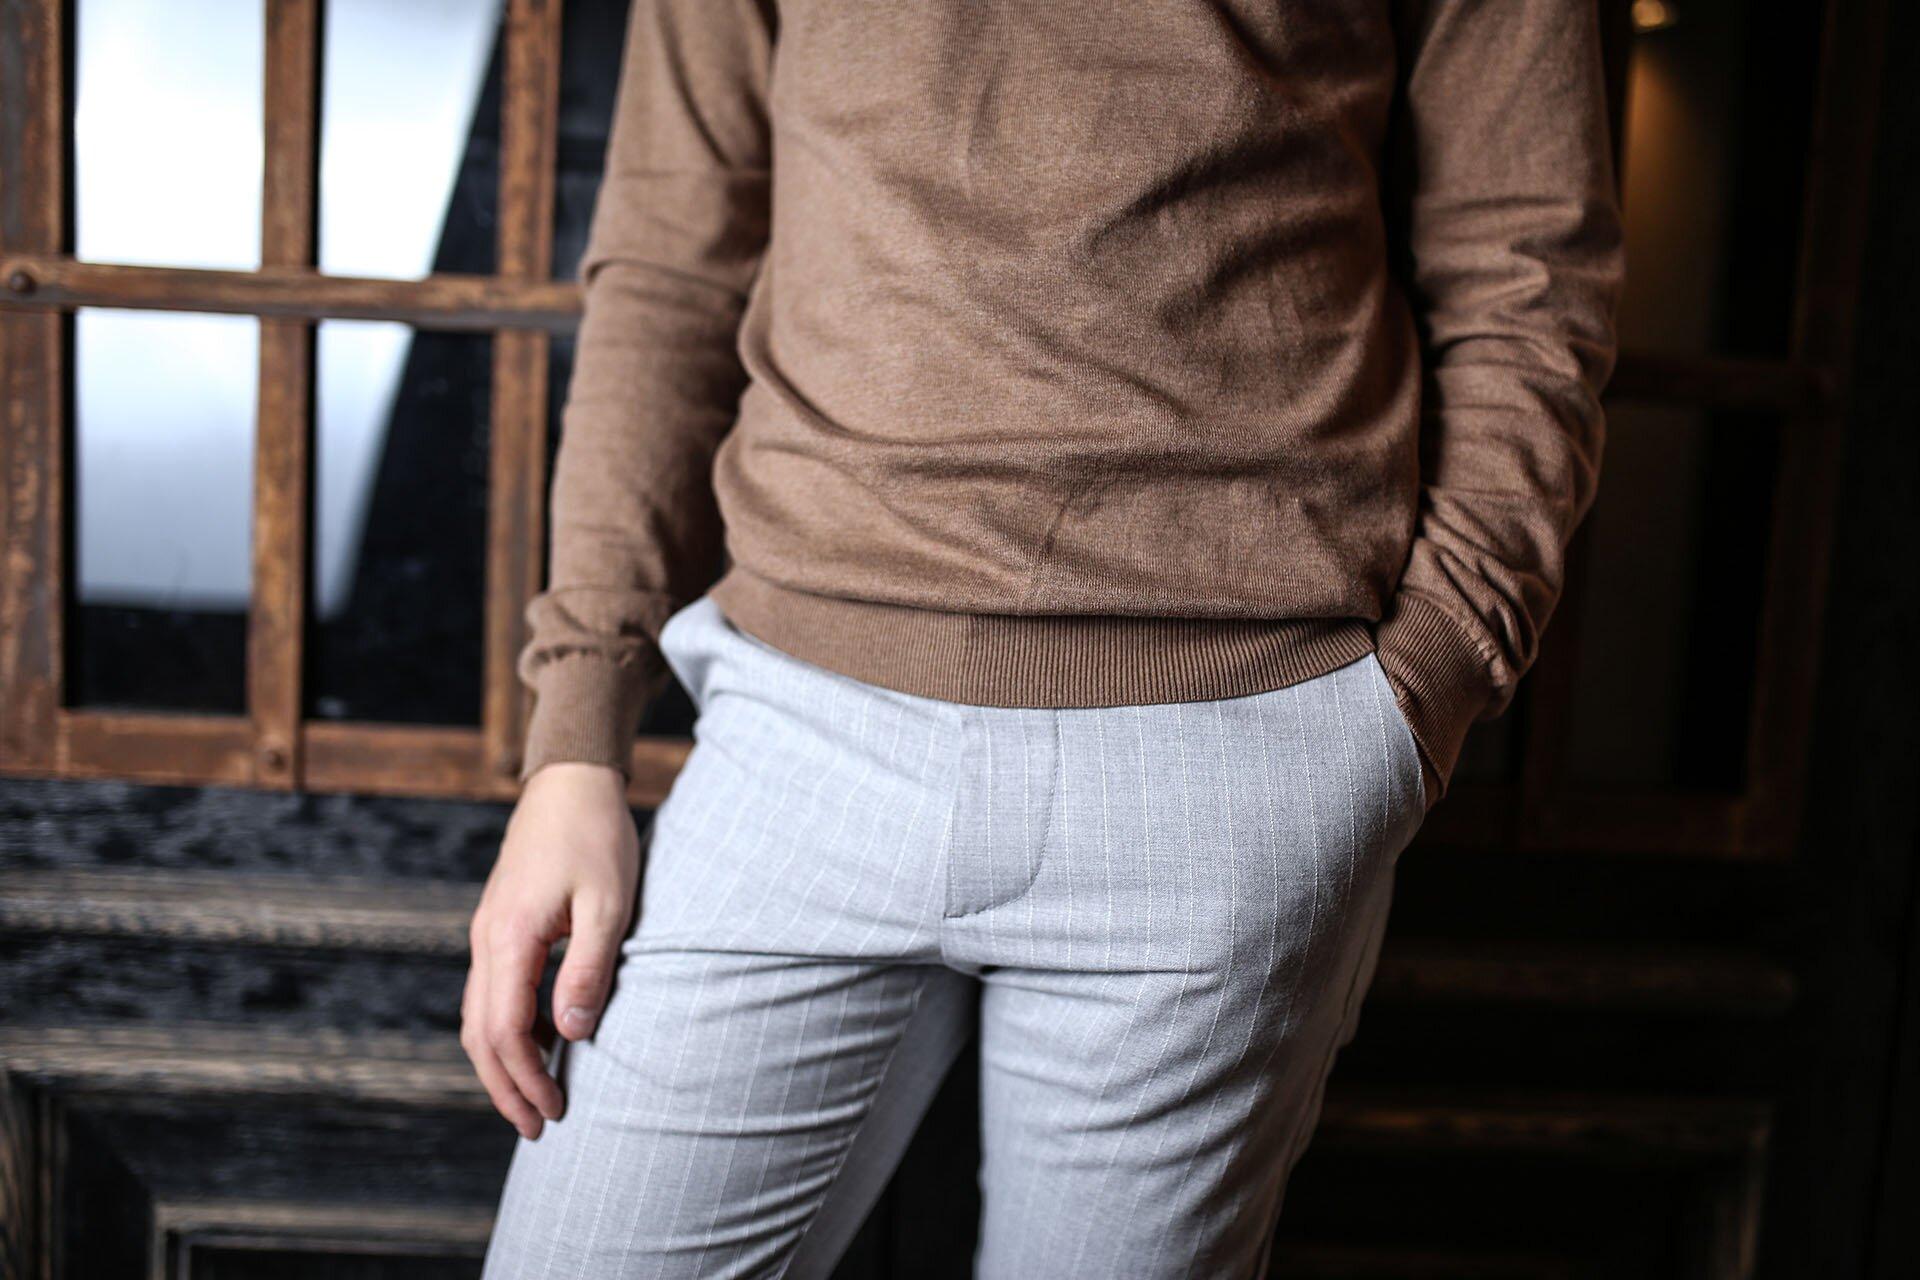 Golf męski camelowy, Męska moda, Blog o modzie męskiej, Spodnie w kratę